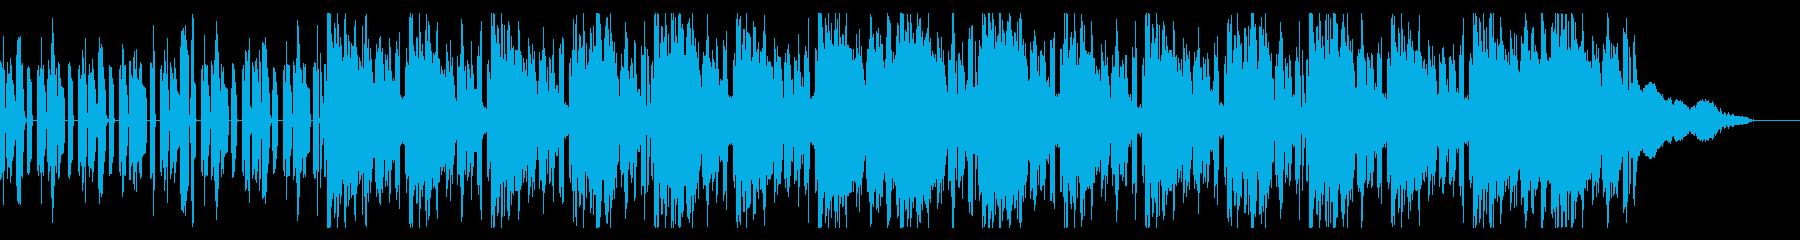 クールな映像向けのBGMの再生済みの波形